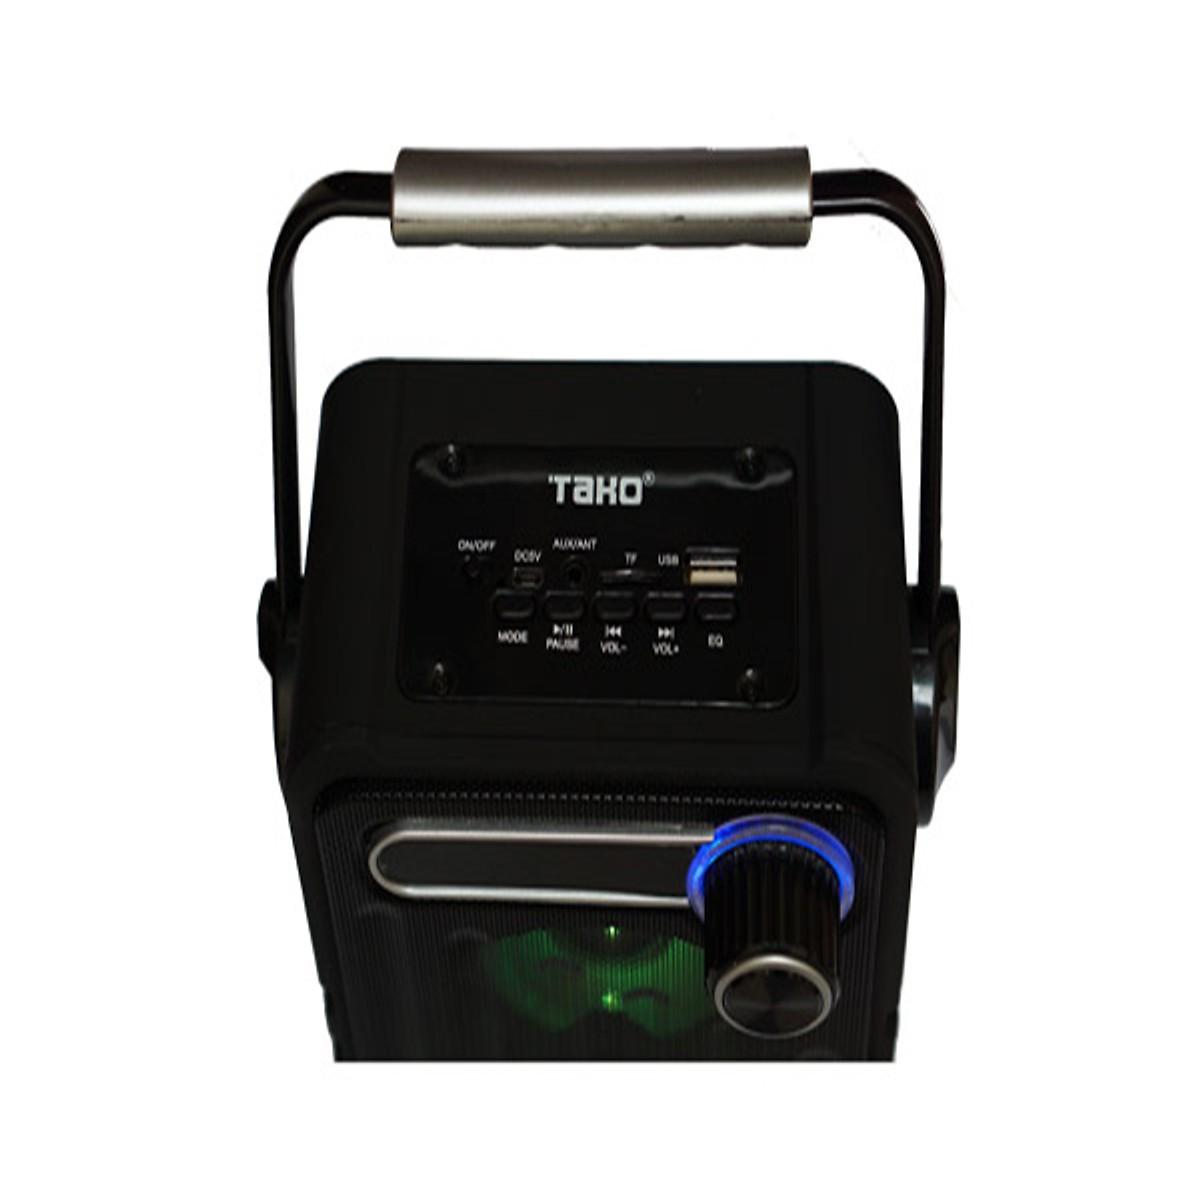 Loa Bluetooth Tako X5 có khe cắm Thẻ Nhớ và USB - Hàng Chính Hãng